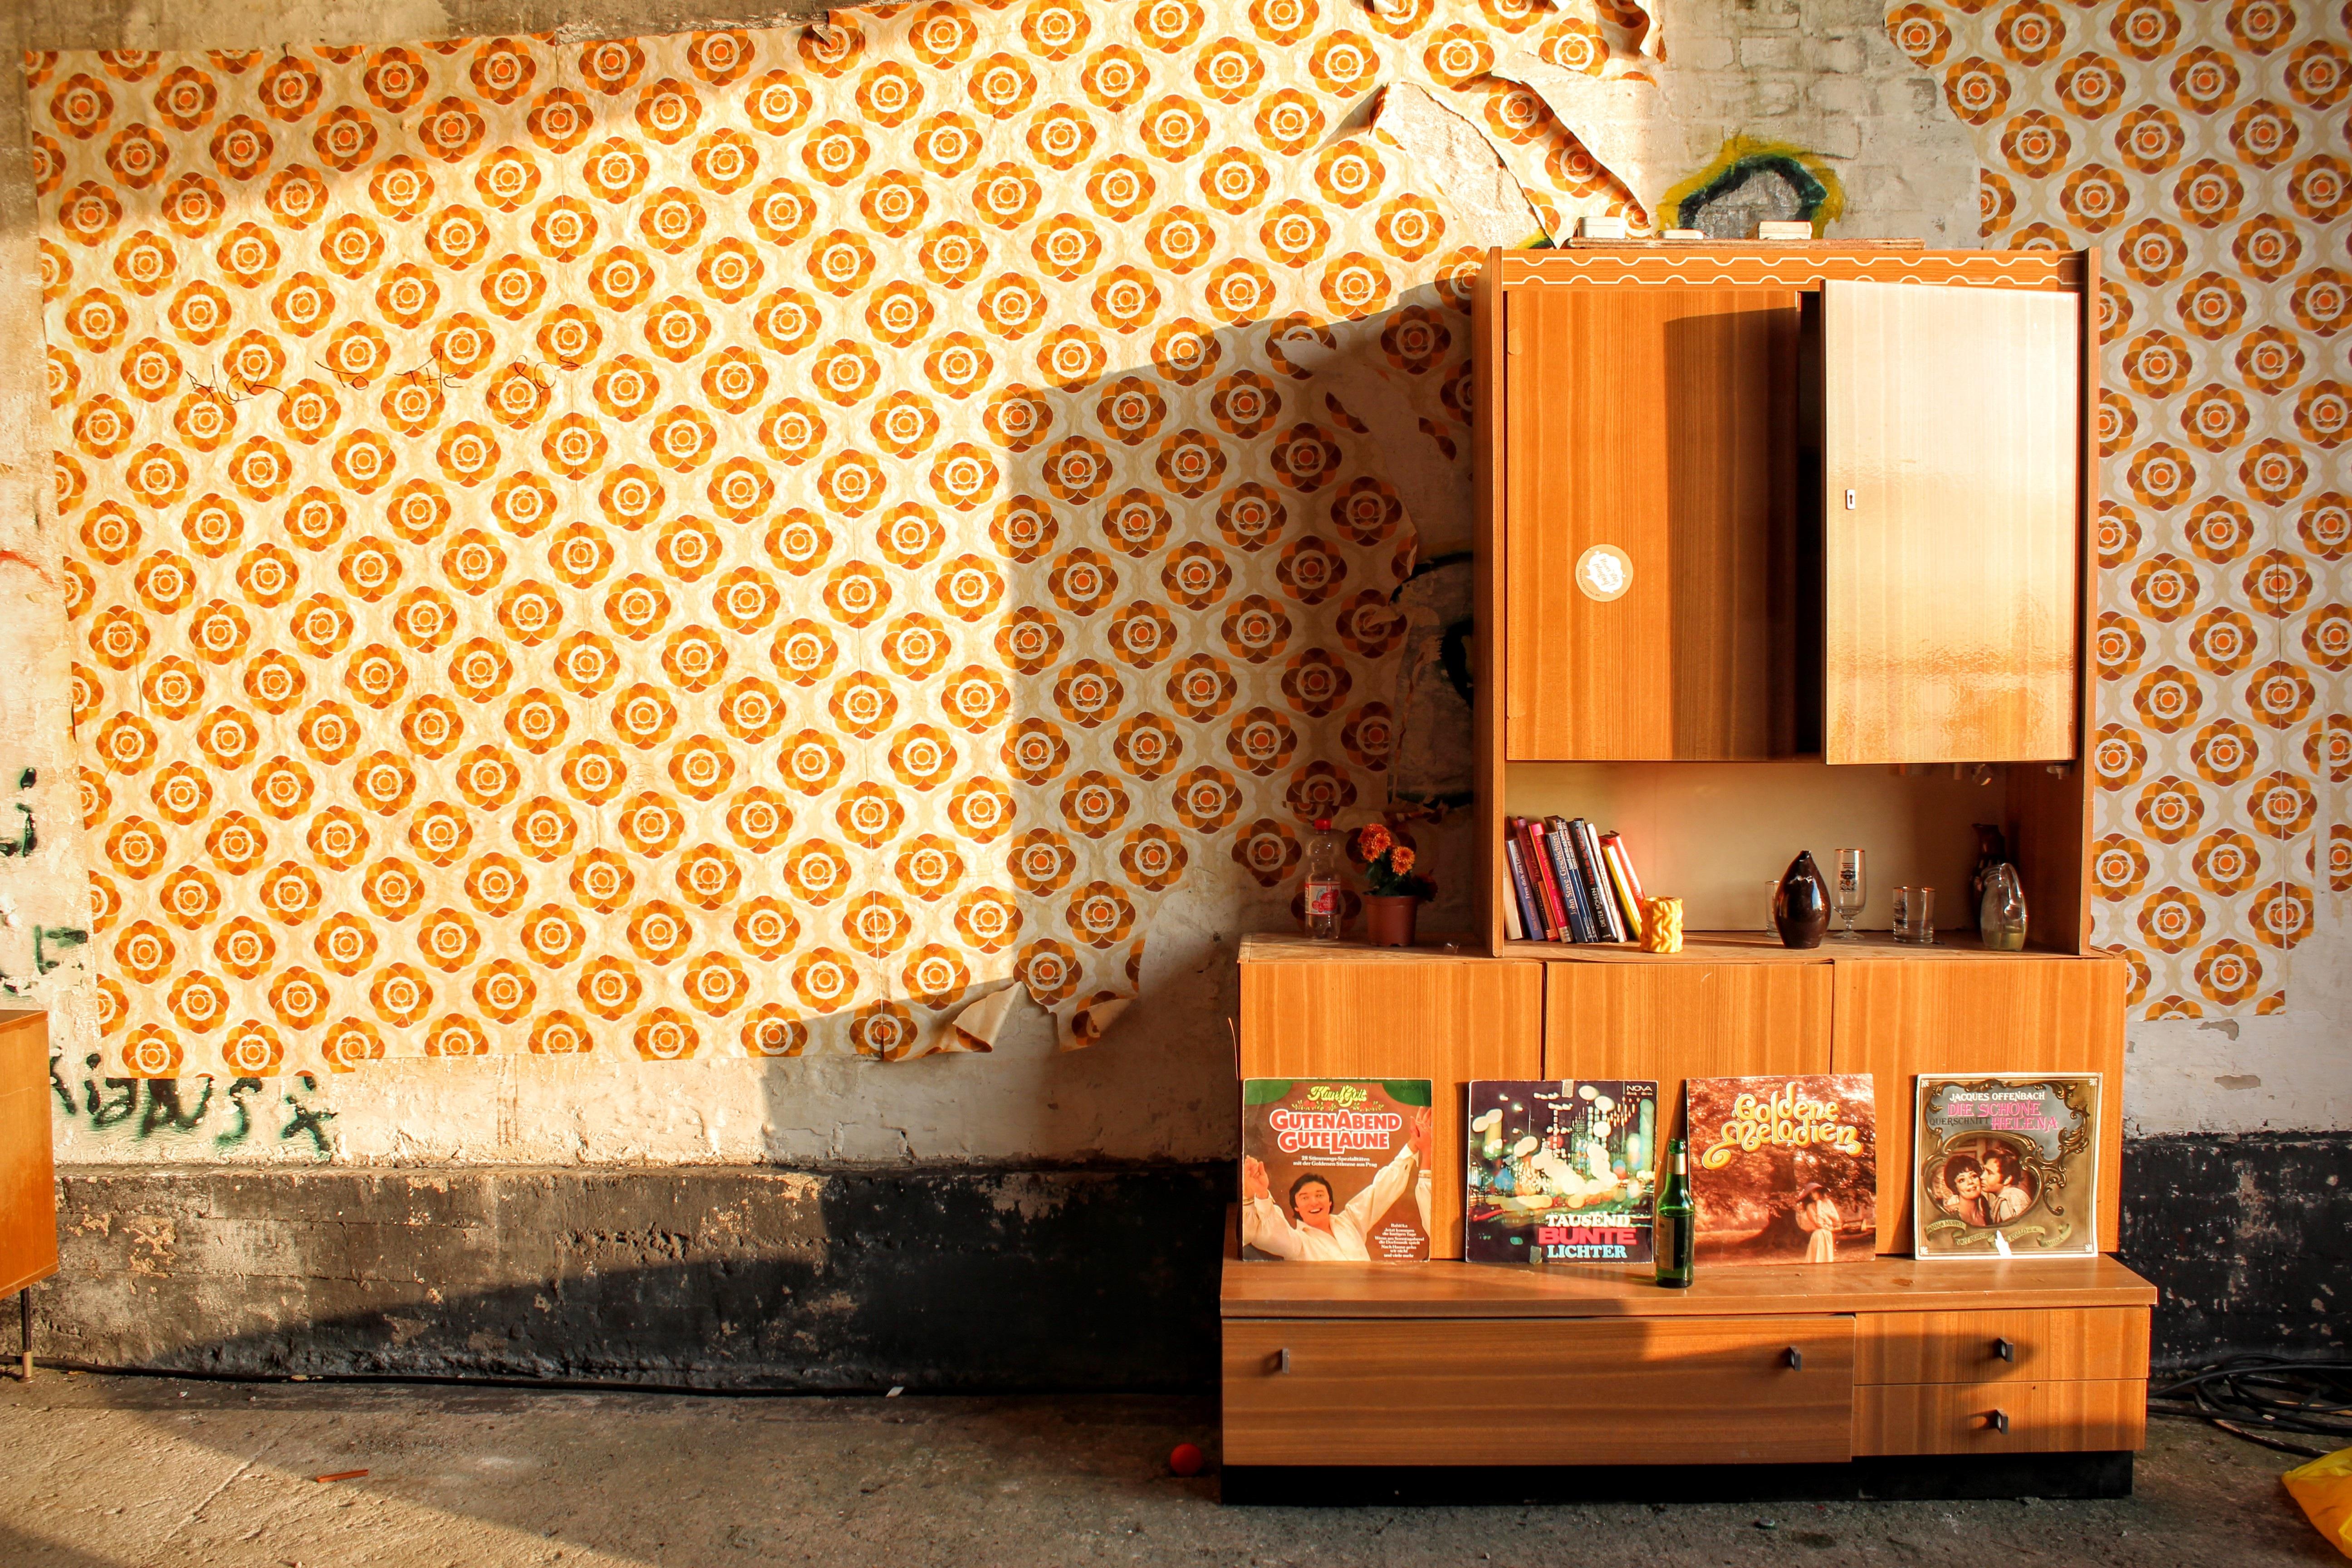 Innenarchitektur wohnzimmer holz  Kostenlose foto : Holz, alt, Mauer, Wohnzimmer, Möbel, Zimmer ...